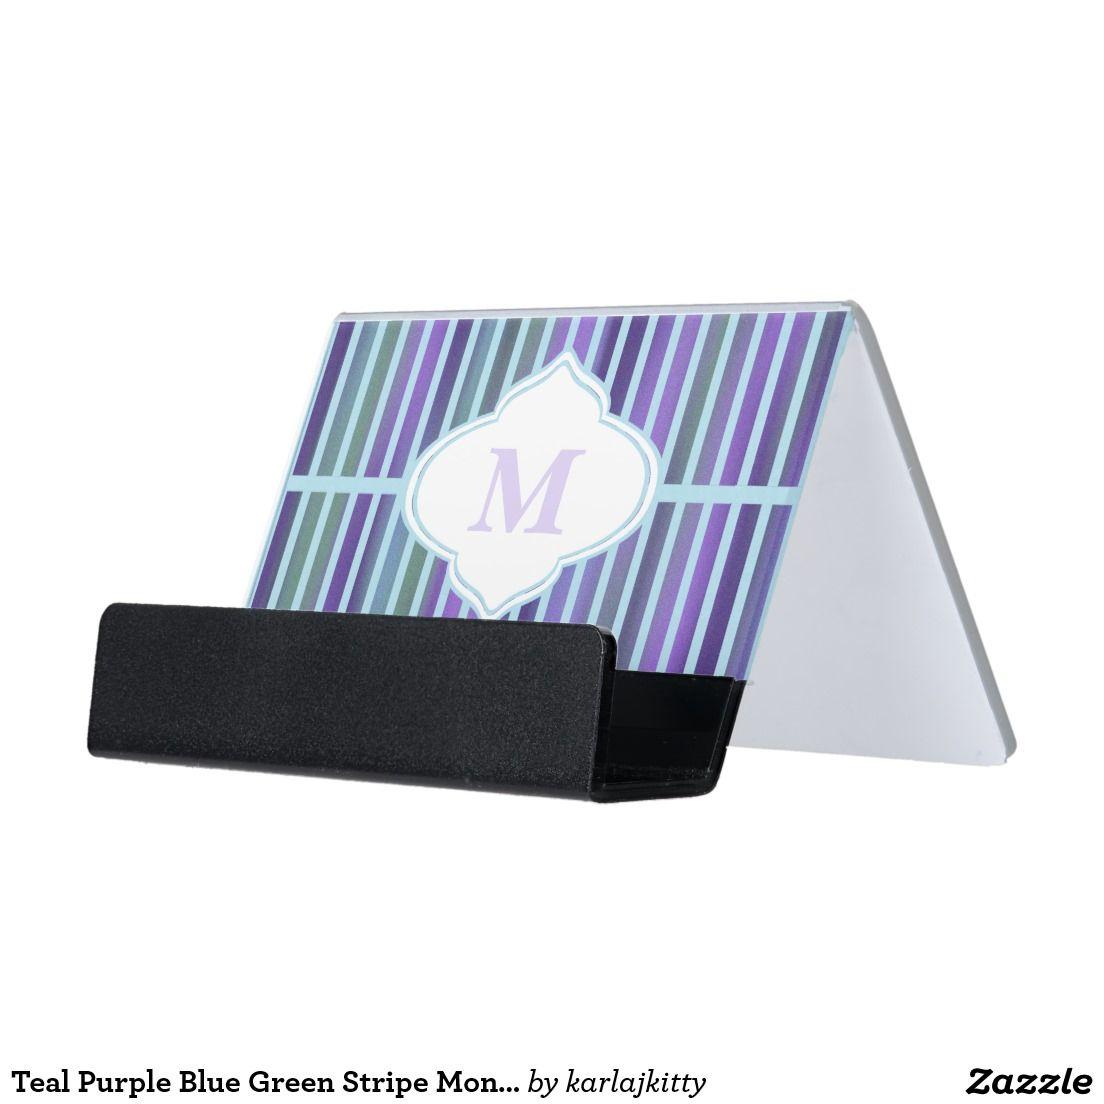 Teal Purple Blue Green Stripe Monogram Desk Business Card Holder